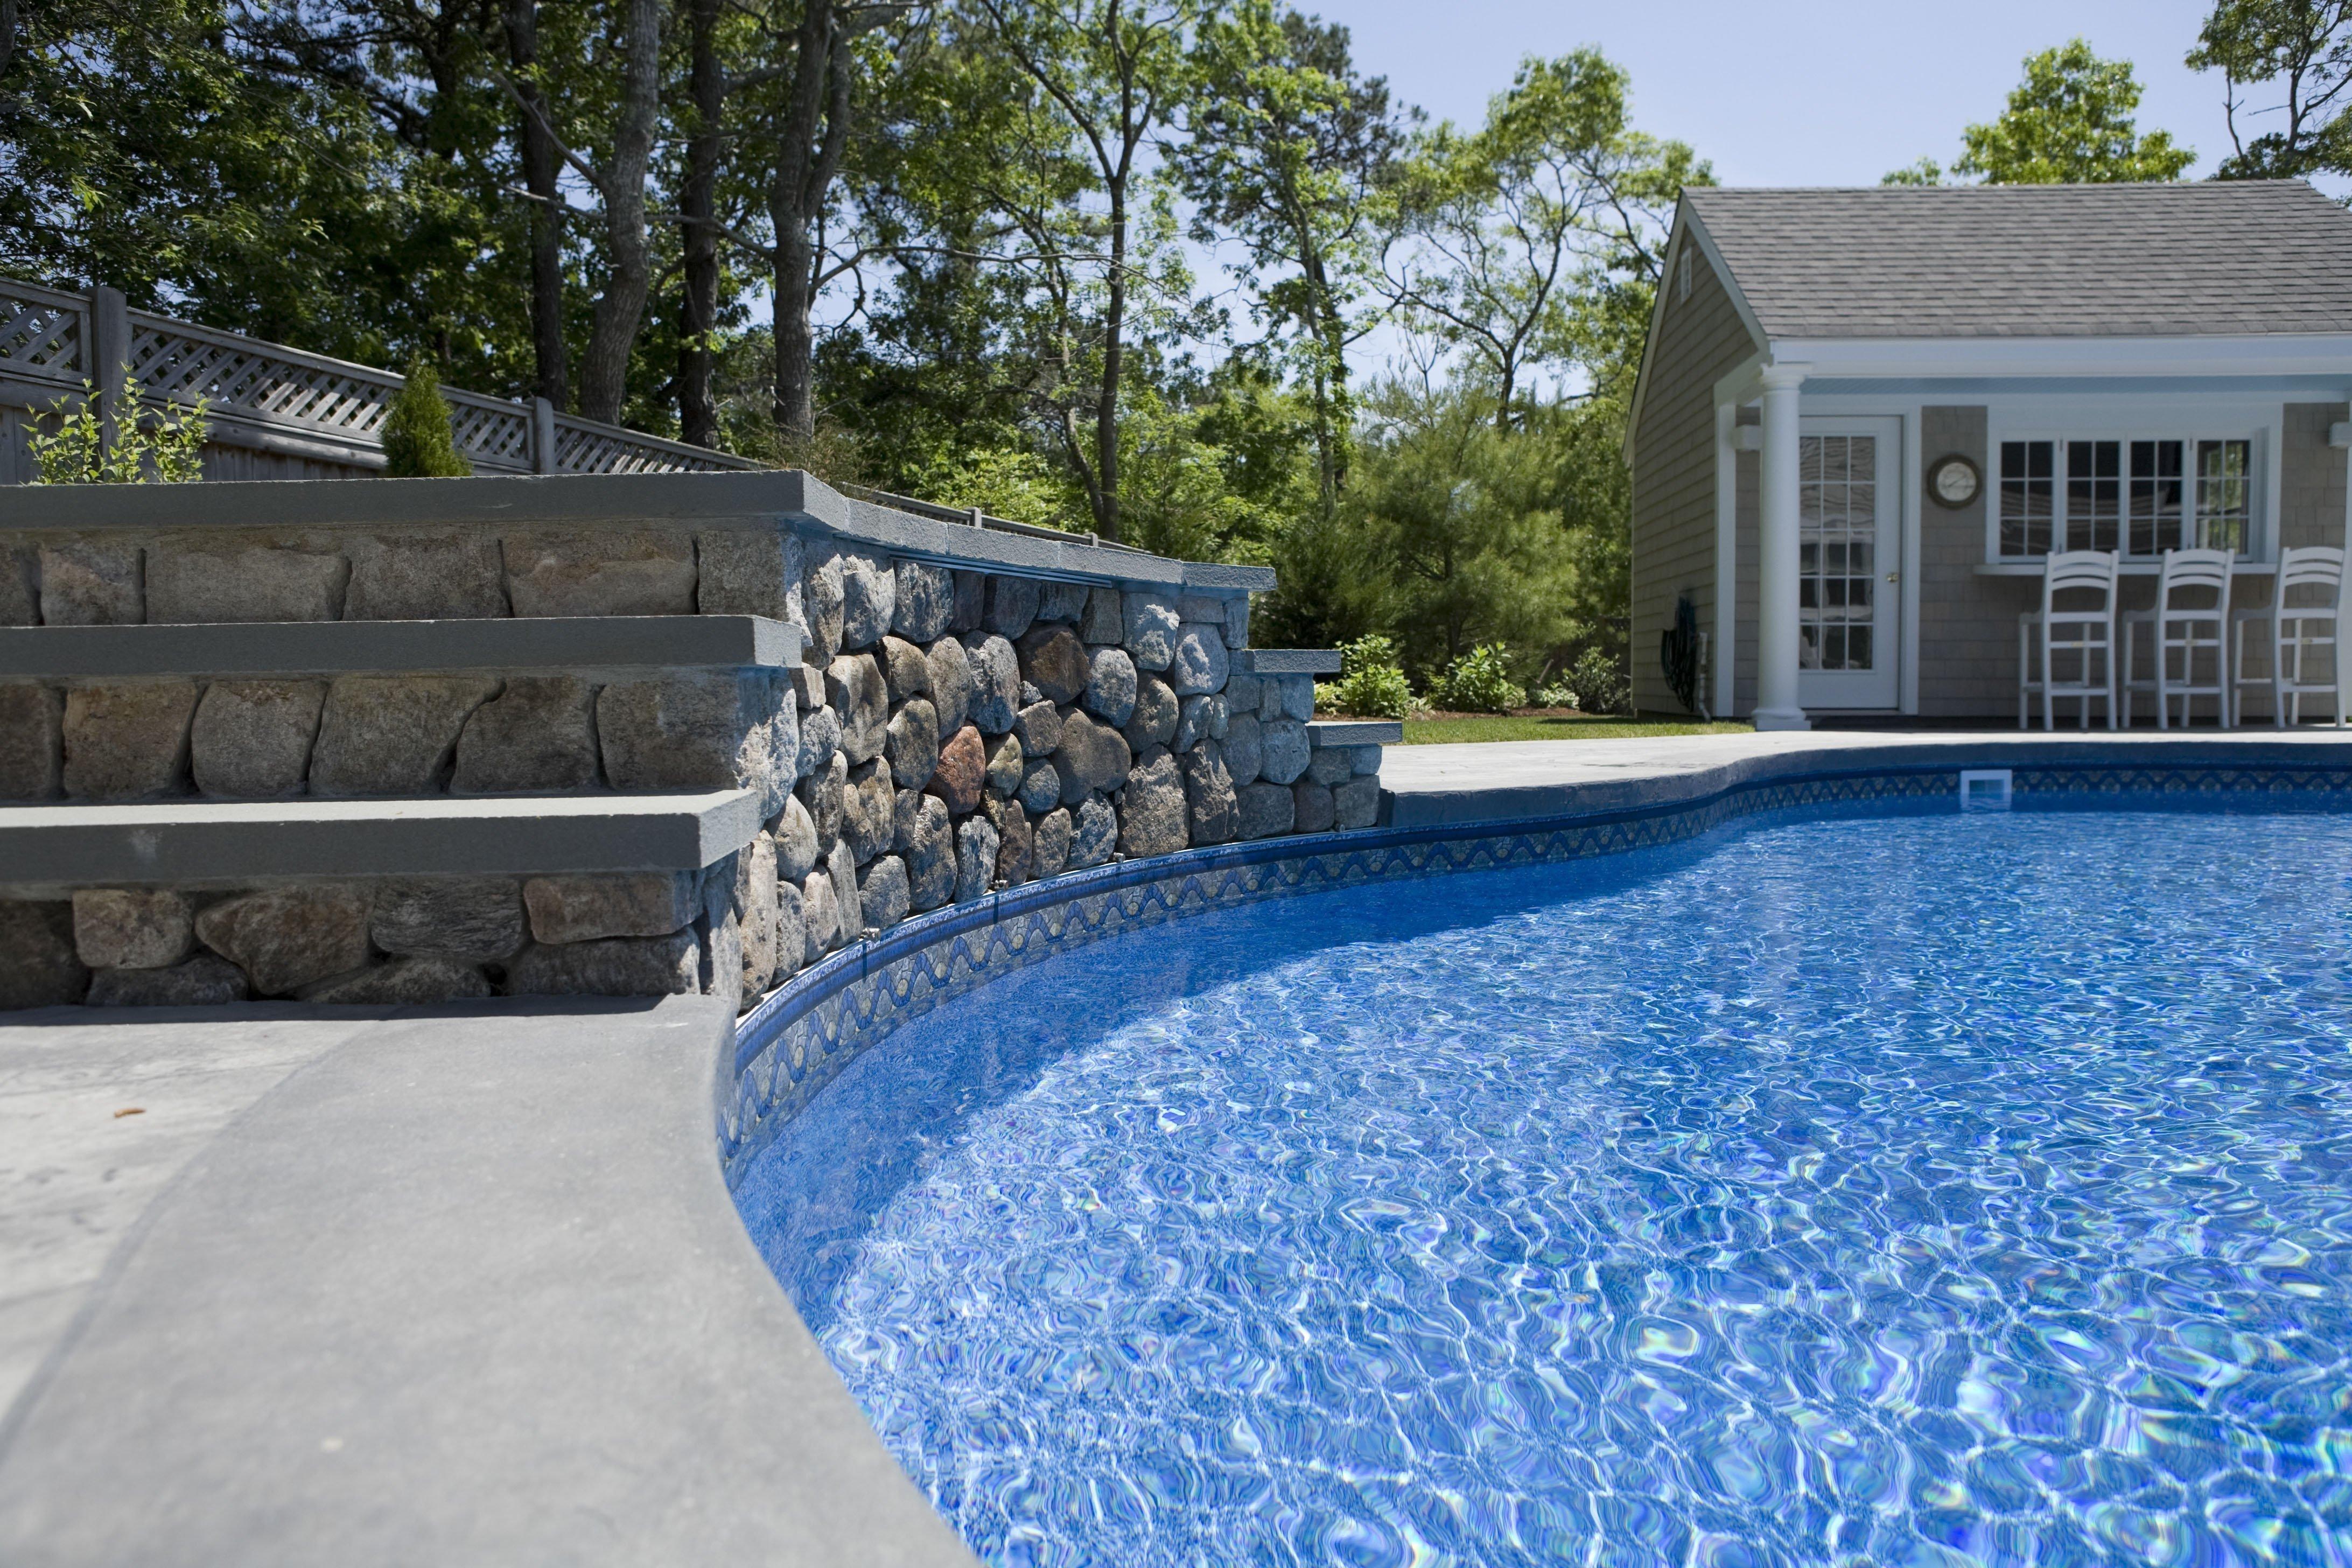 Chlorine Pool vs Salwater pool